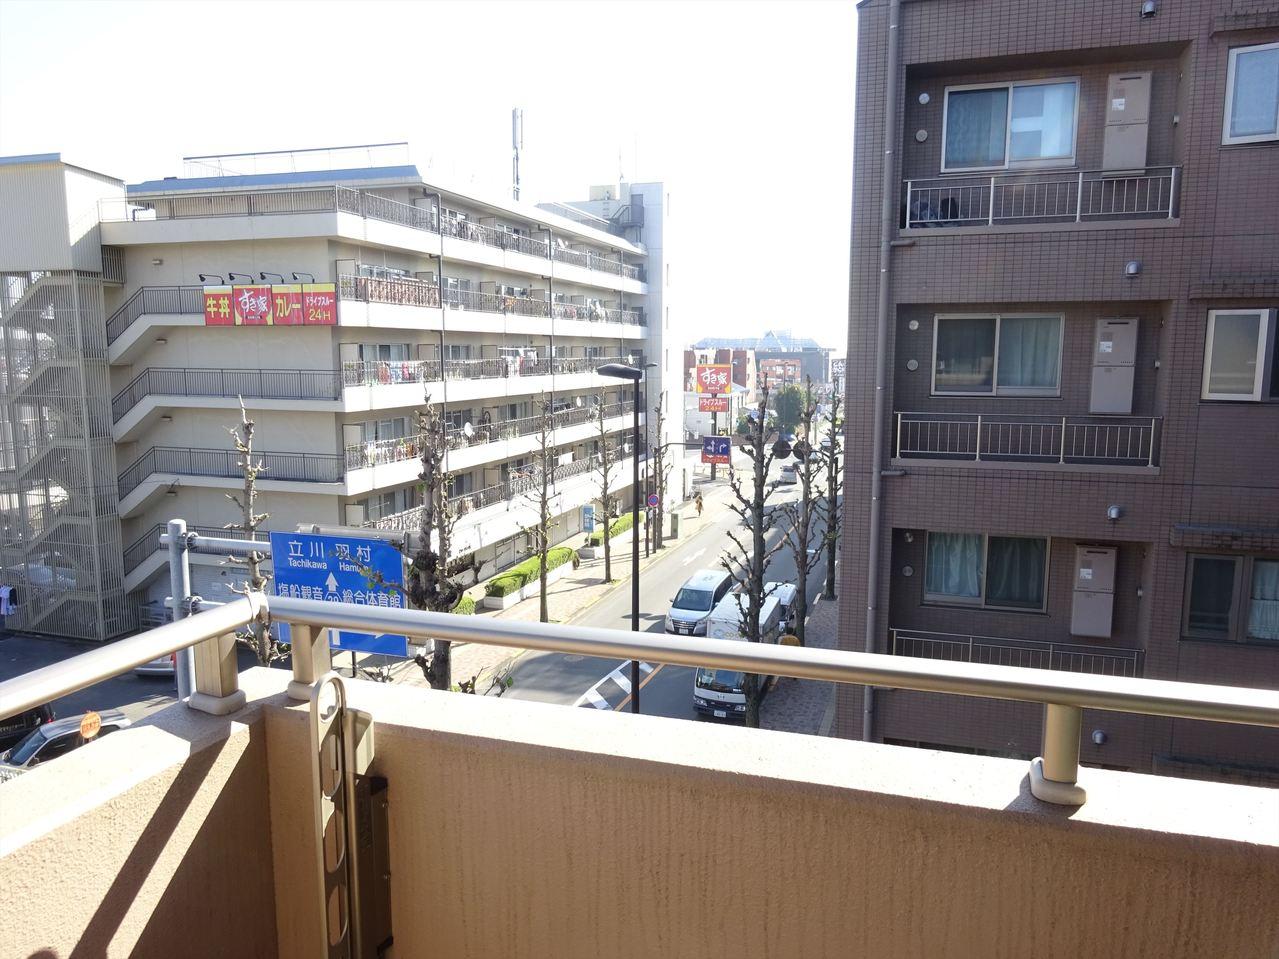 眺望良好!風通し良好!4階なので、心地よい風がお部屋を通り抜けそうですね。